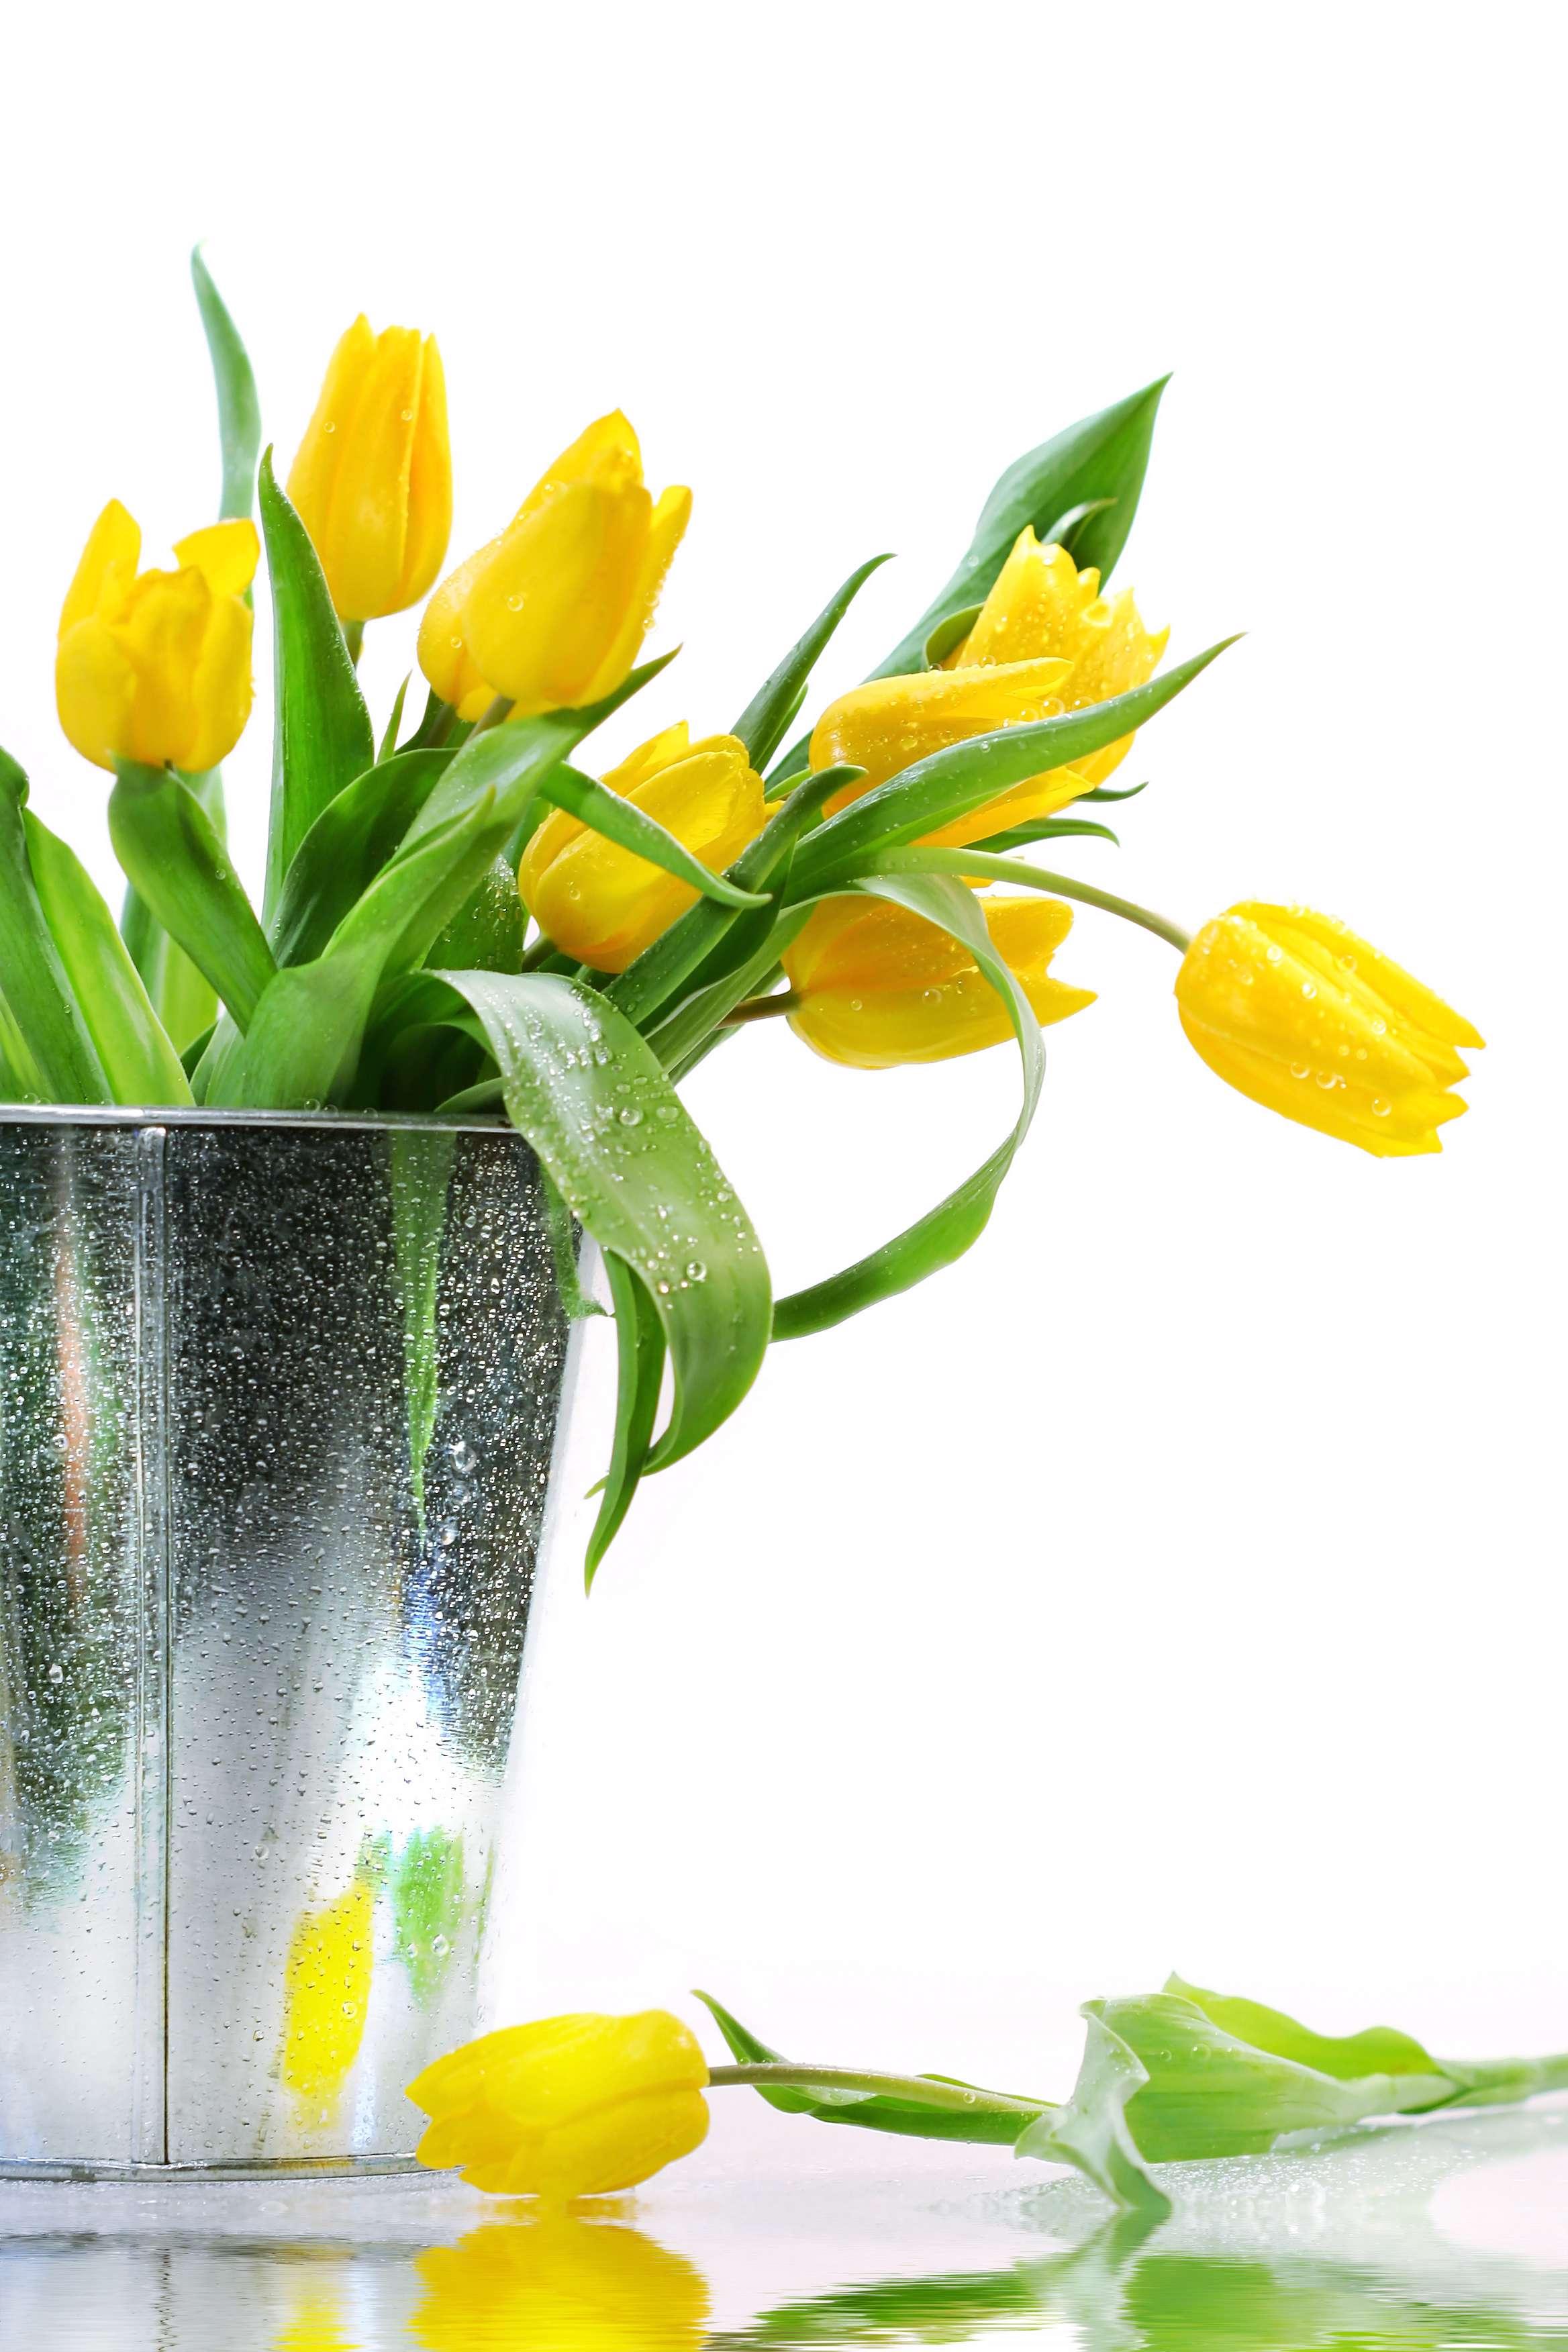 گالری عکس های گل لاله   تصاویر گل لاله قرمز   سفید   زرد و